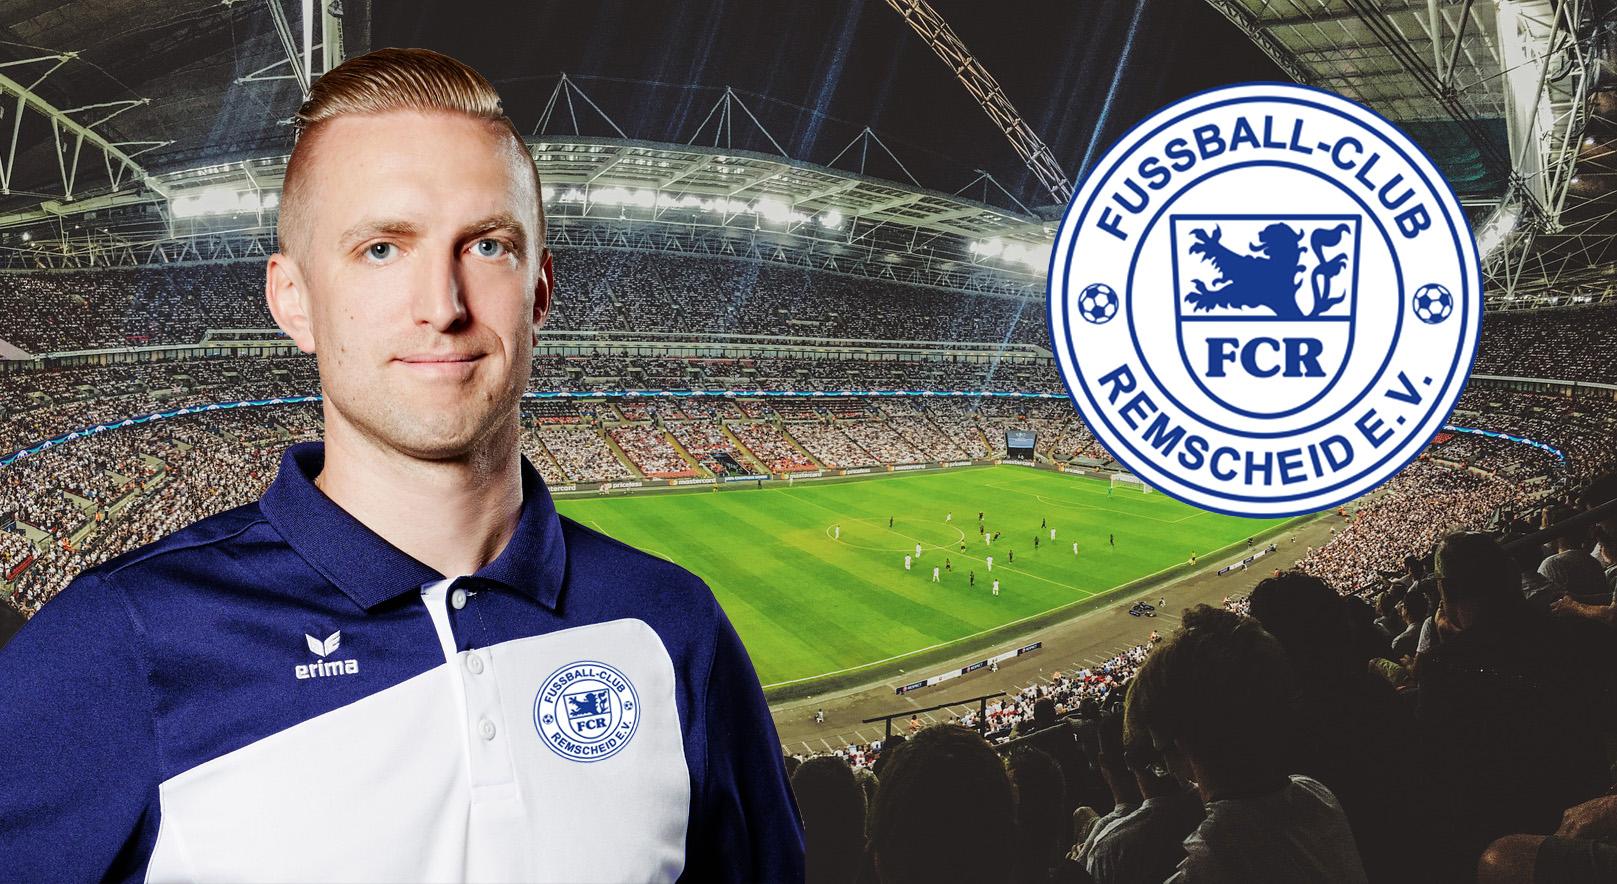 Ab 1. Juli 2019 neuer Cheftrainer beim FC Remscheid: Marcel Heinemann. Collage: SvG